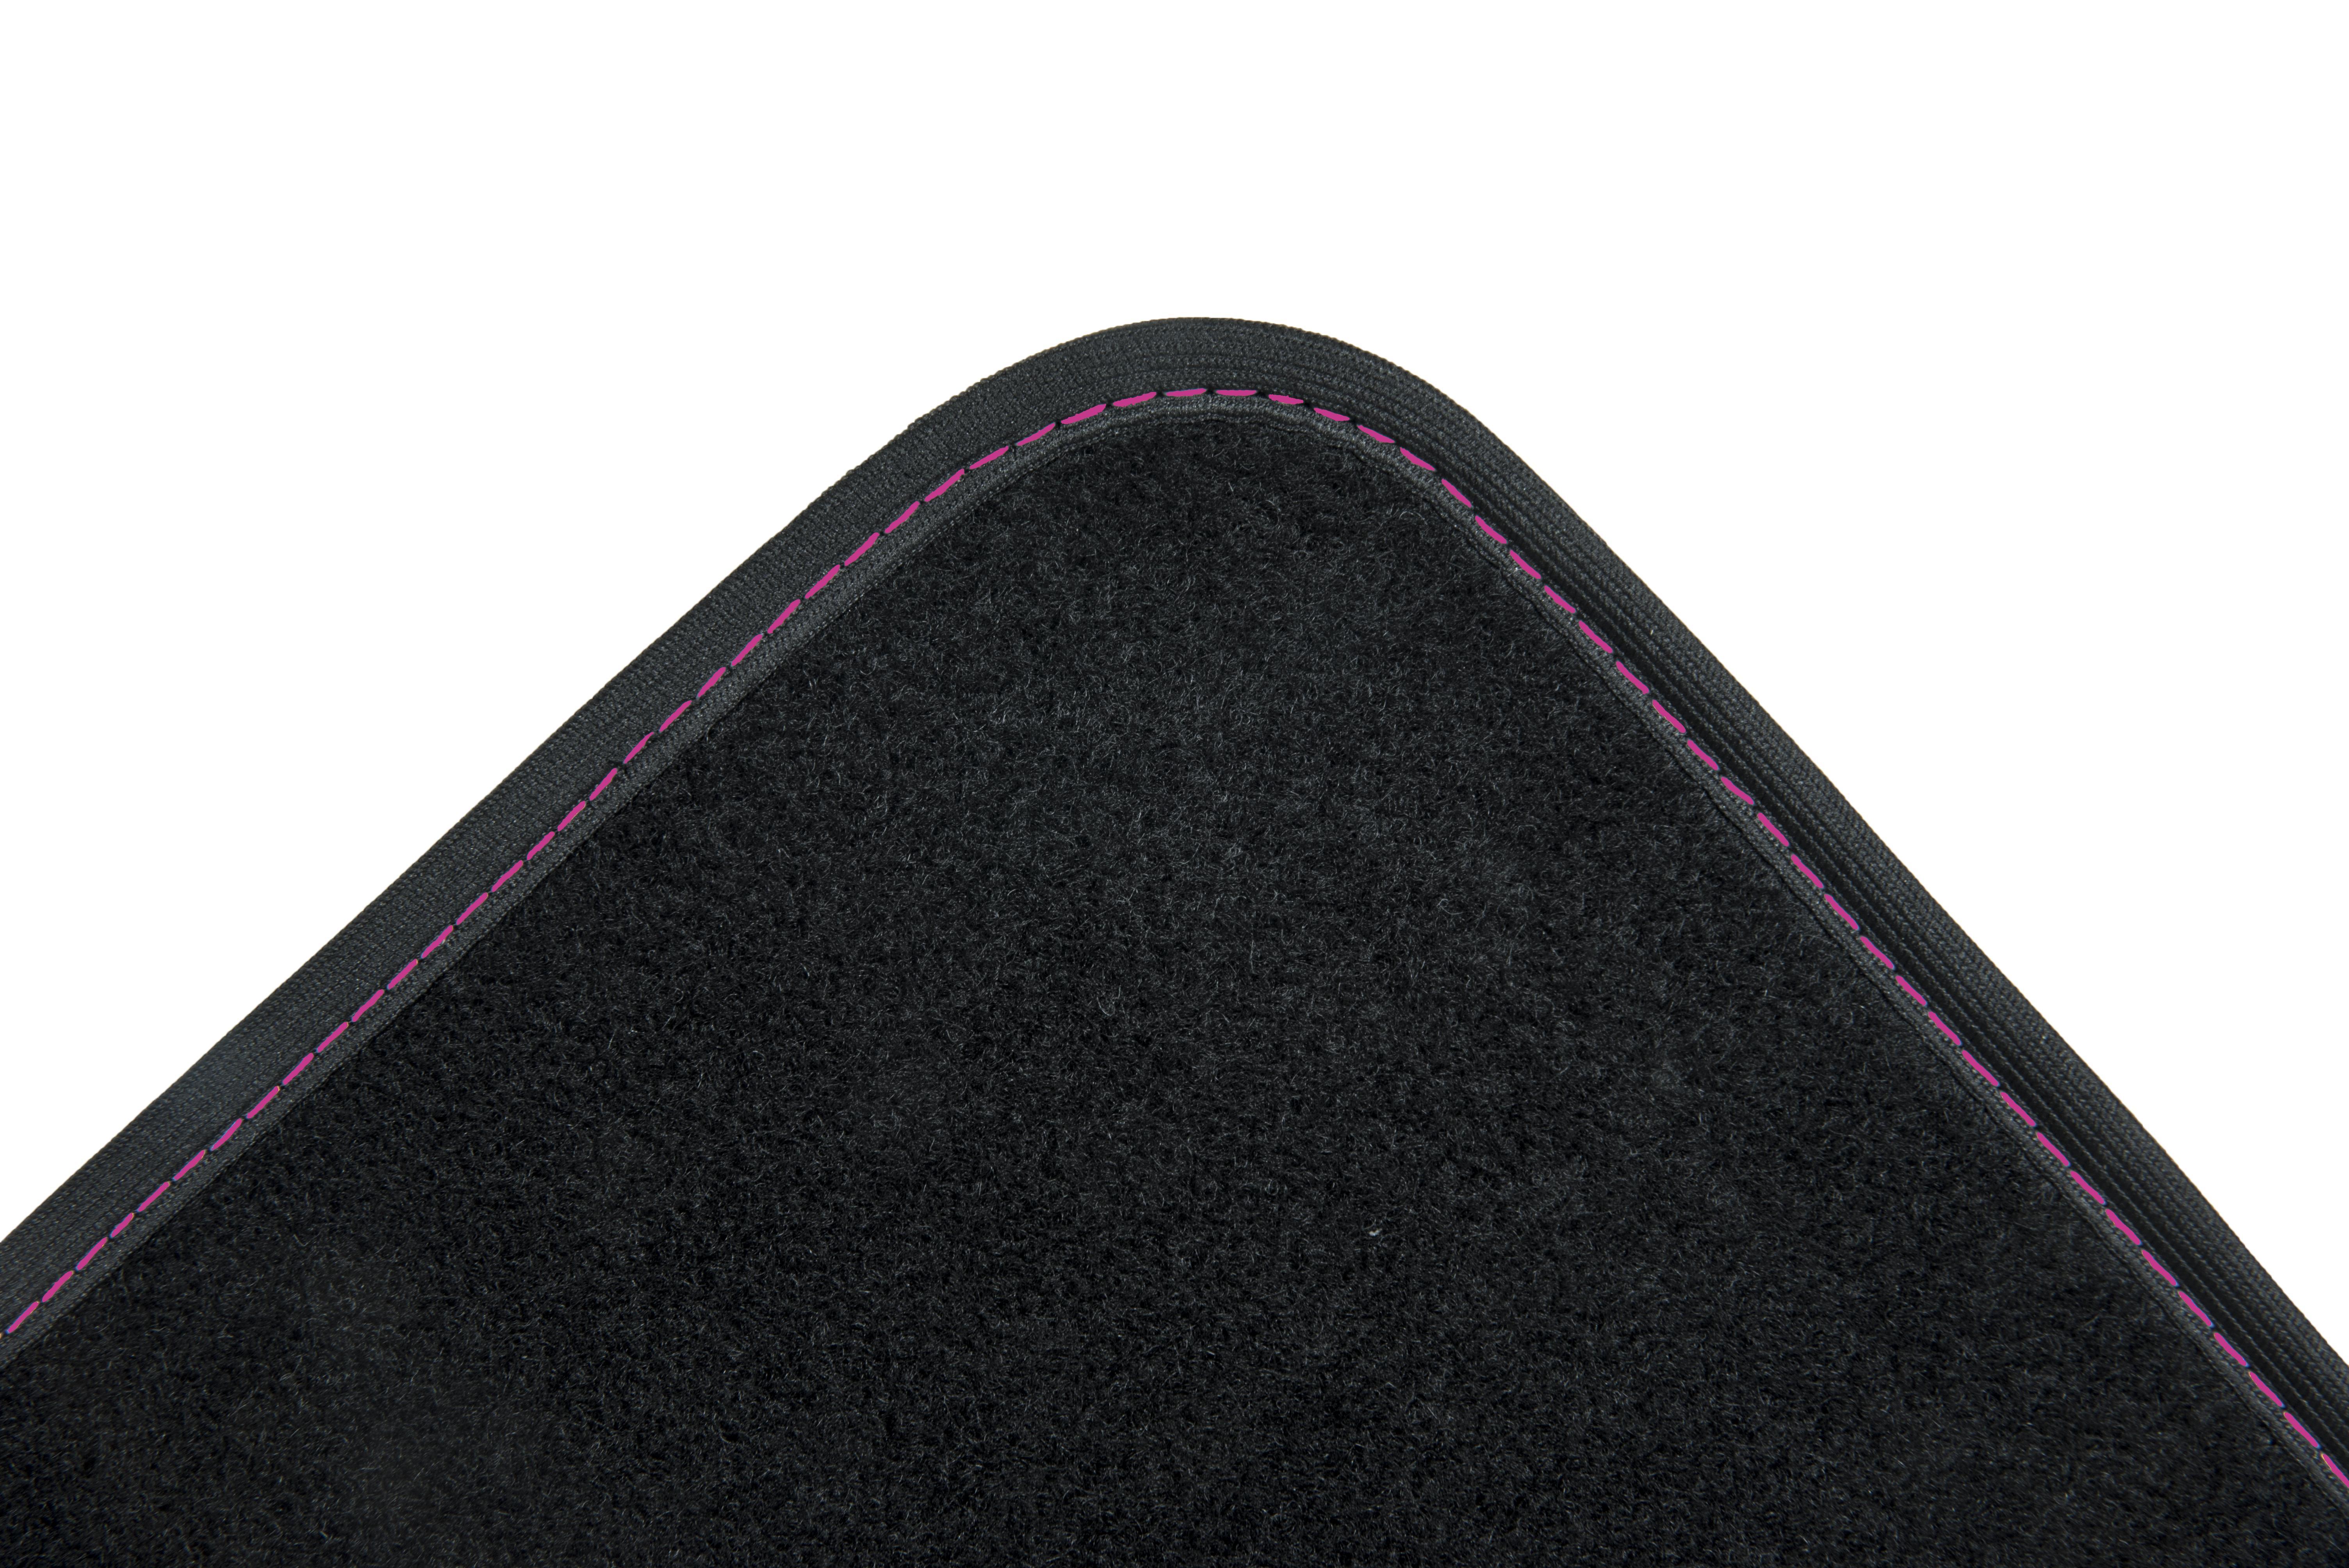 01765718 Fußmattensatz DBS - Unsere Kunden empfehlen